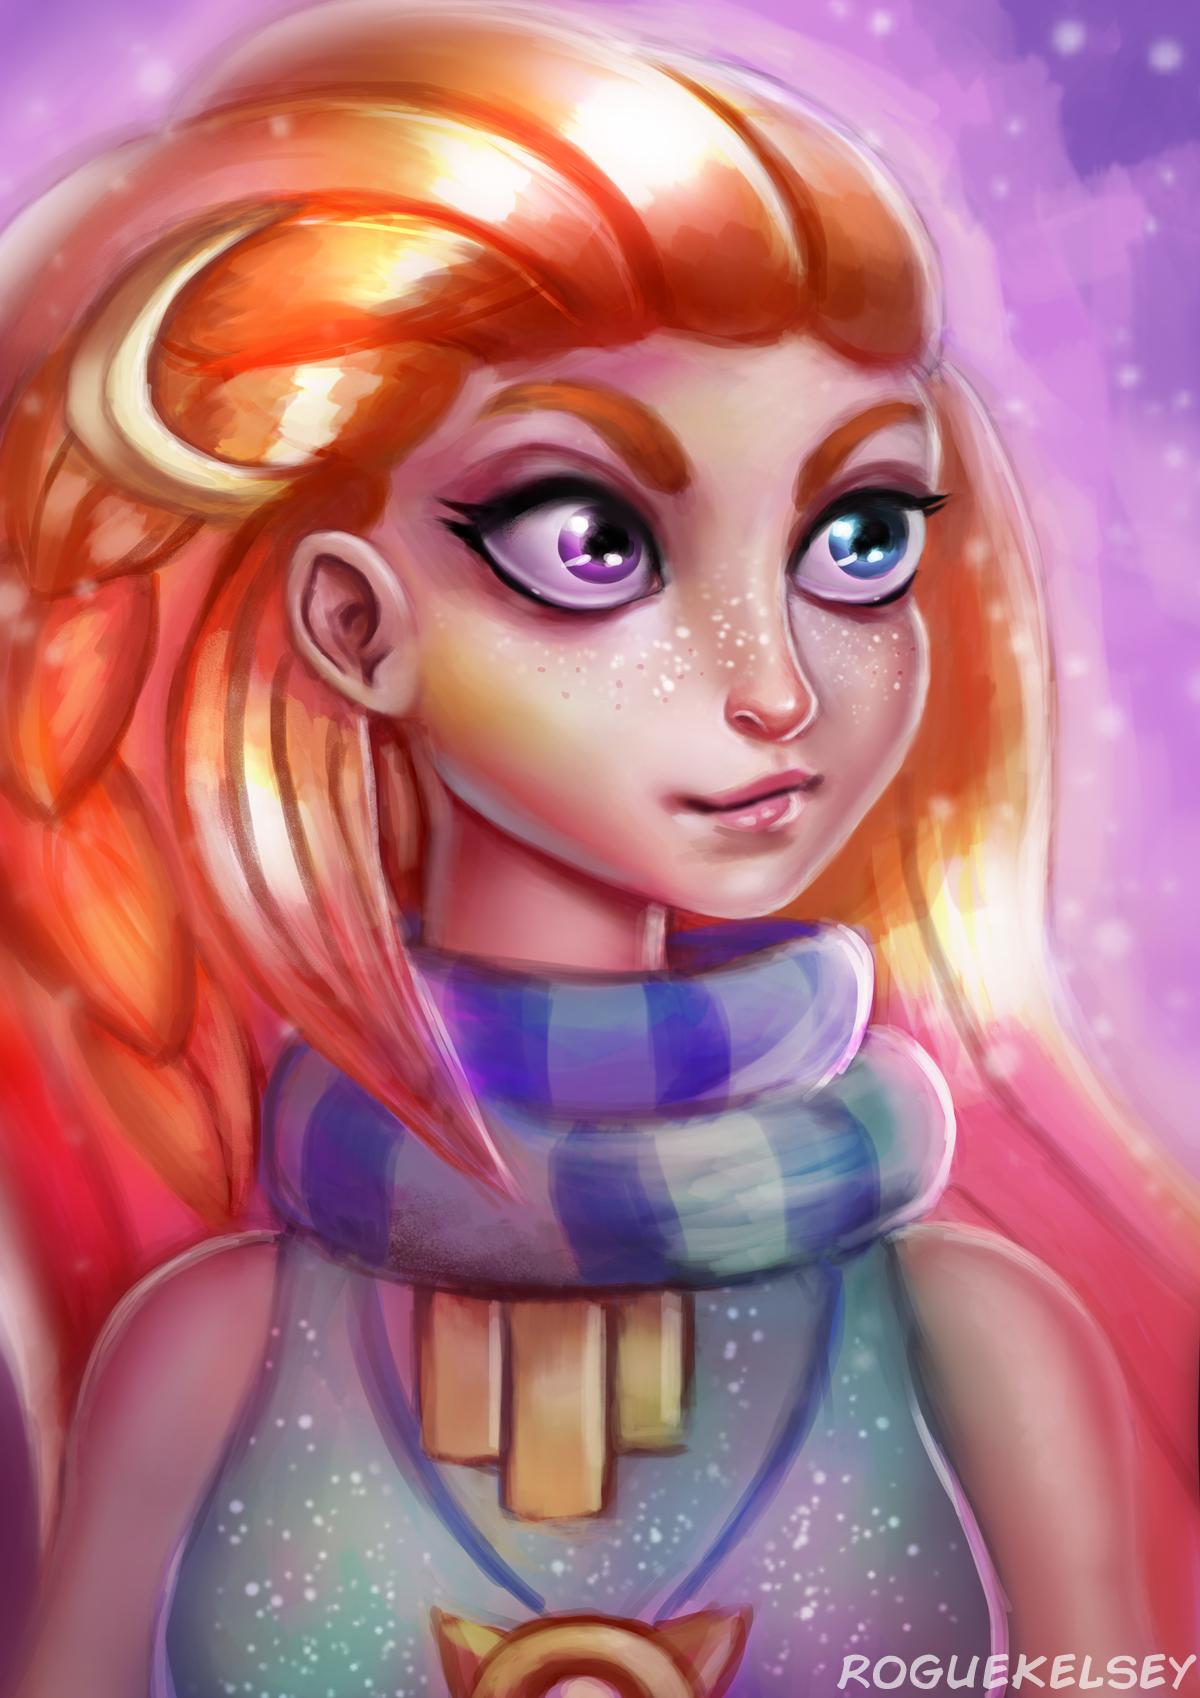 Zoe by ROGUEKELSEY